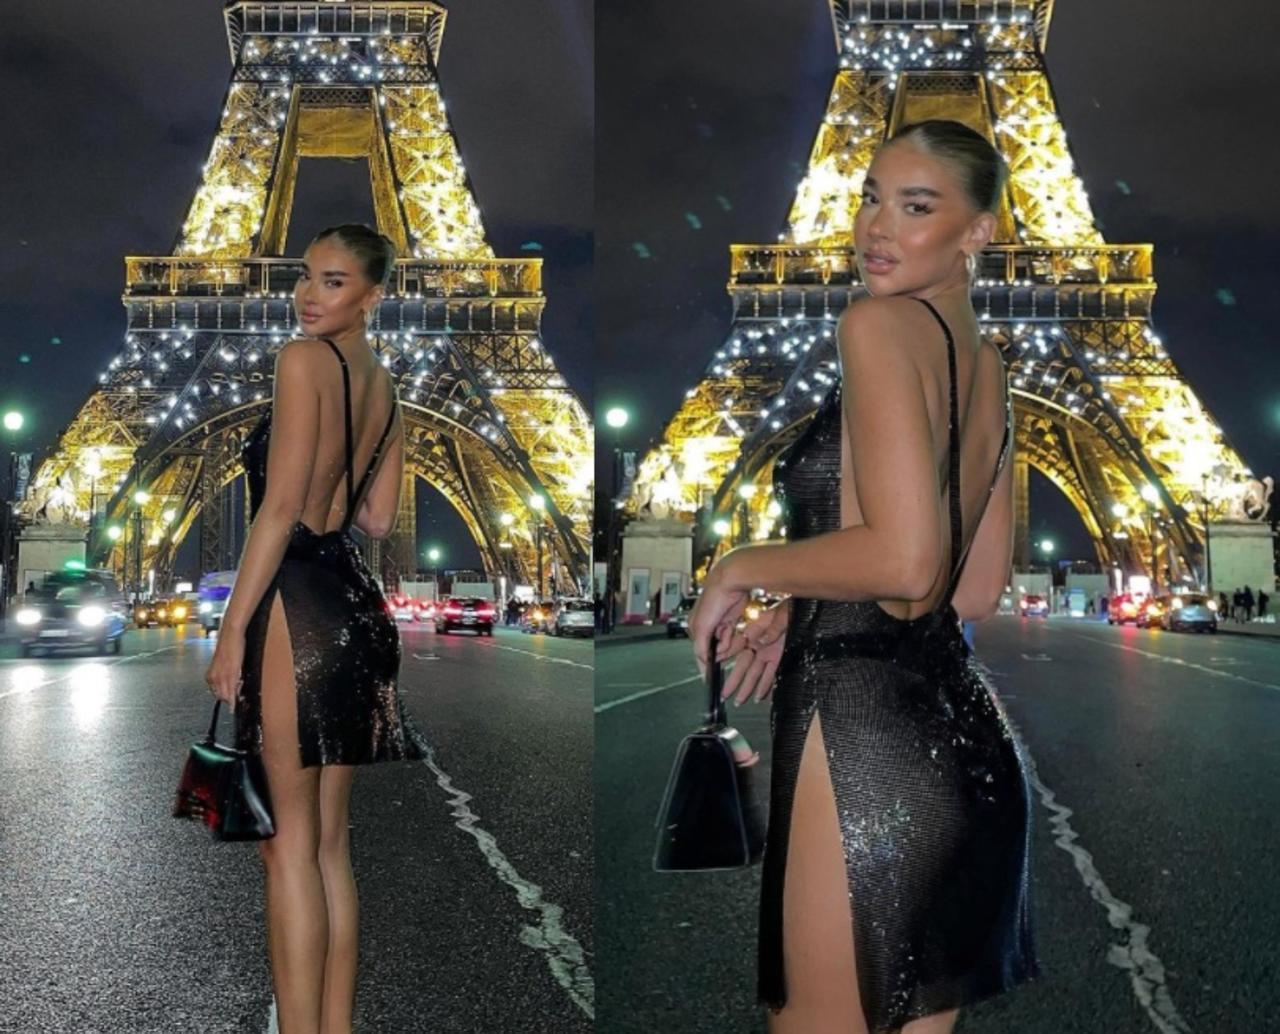 La 'influencer' fue tachada de 'fake' luego de que compartiera imágenes de sus supuestas vacaciones en Paris (CAPTURA)